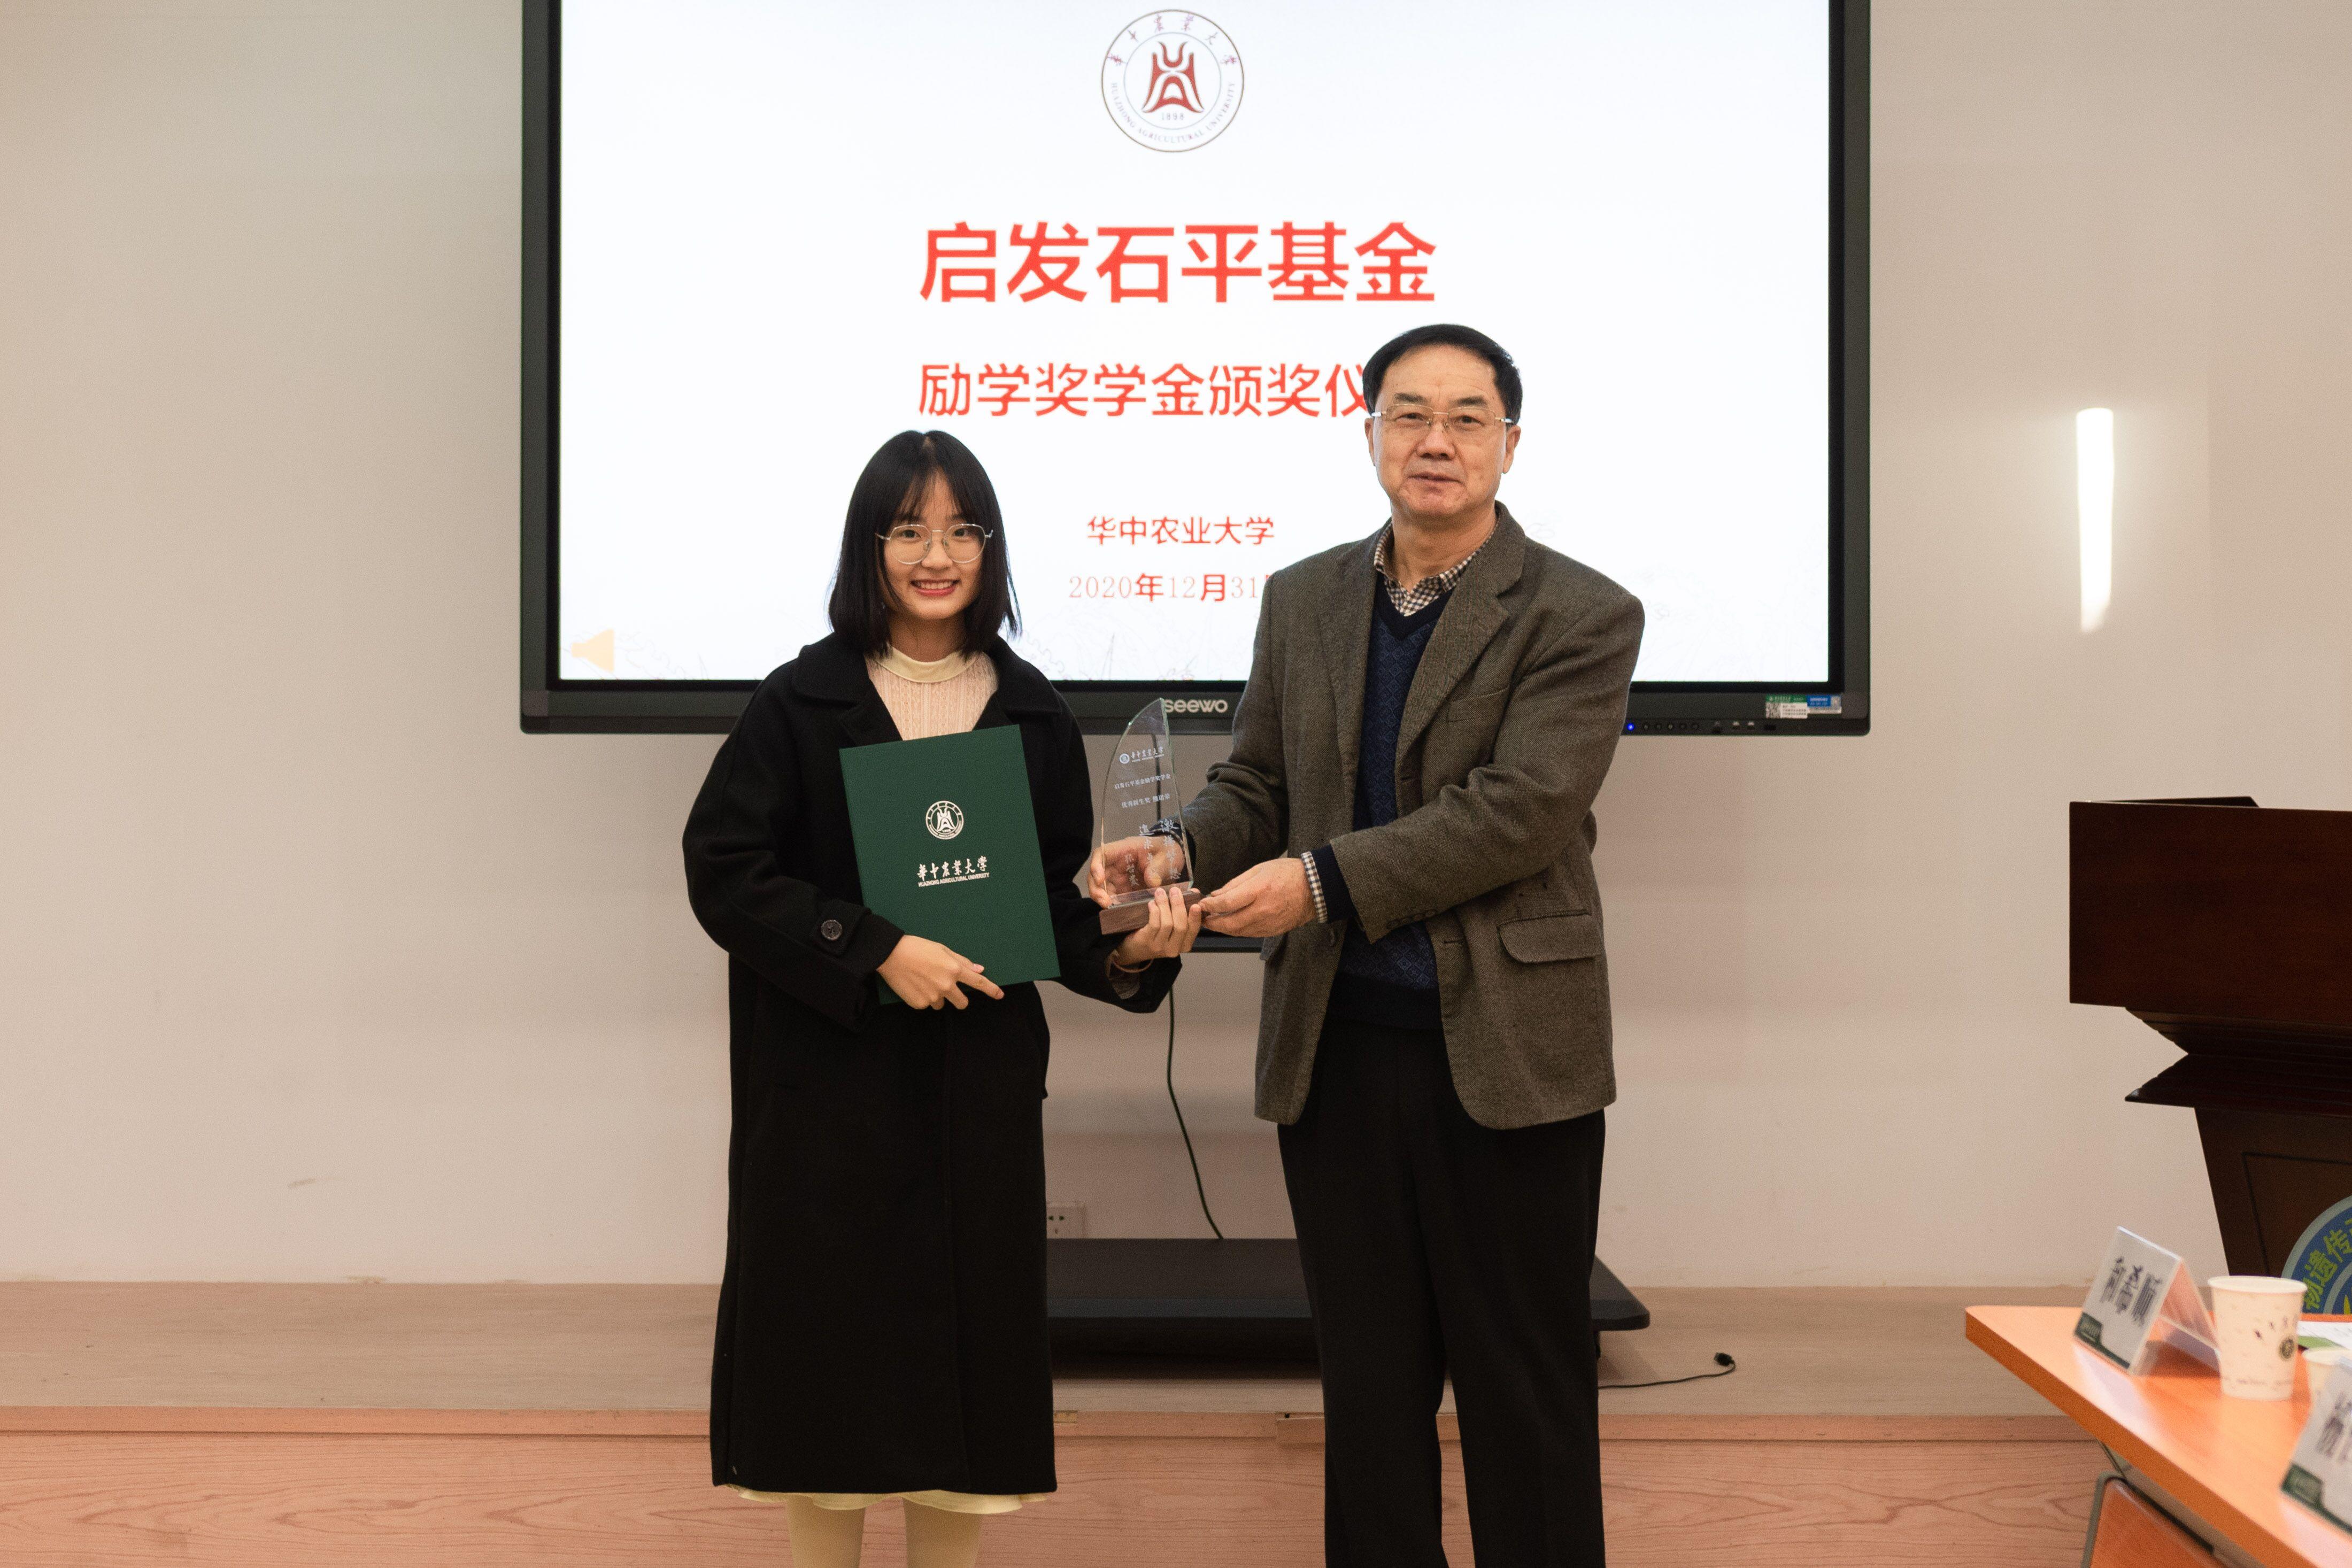 张启发院士为获奖学生颁奖